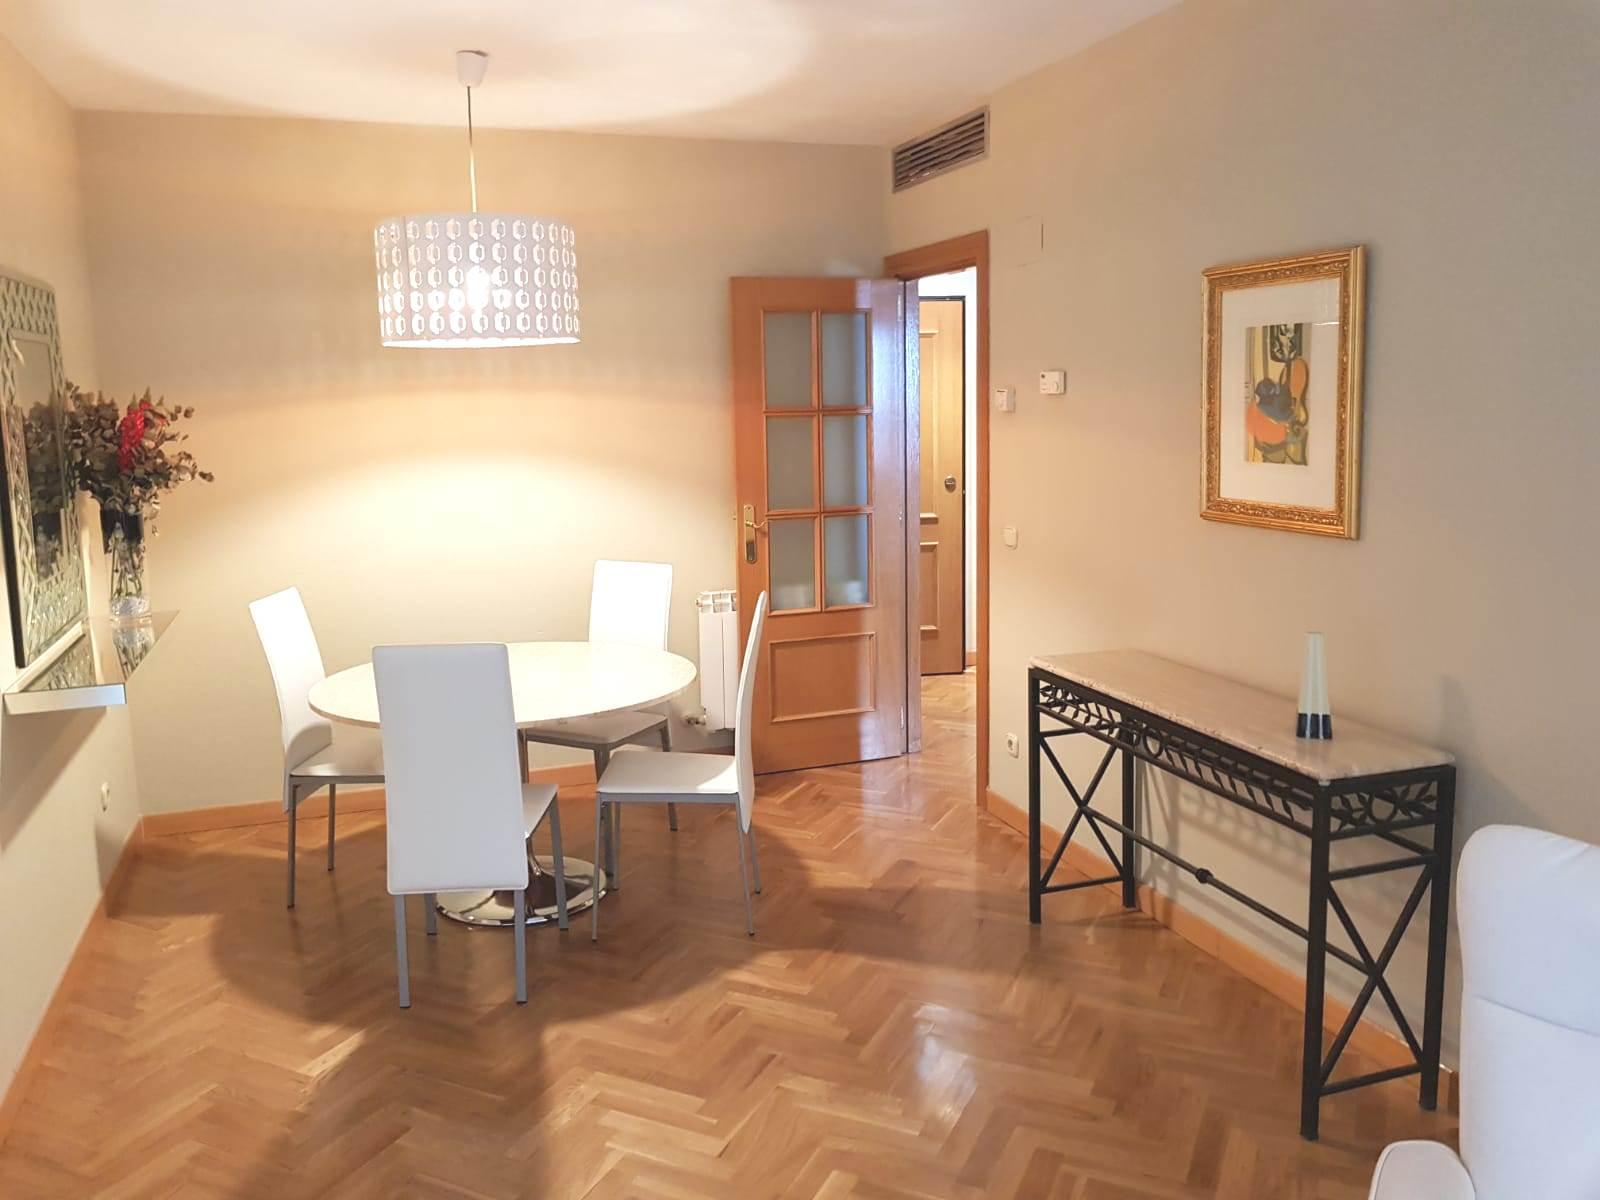 Dining area at Castillo 20 Apartment, Trafalgar, Madrid